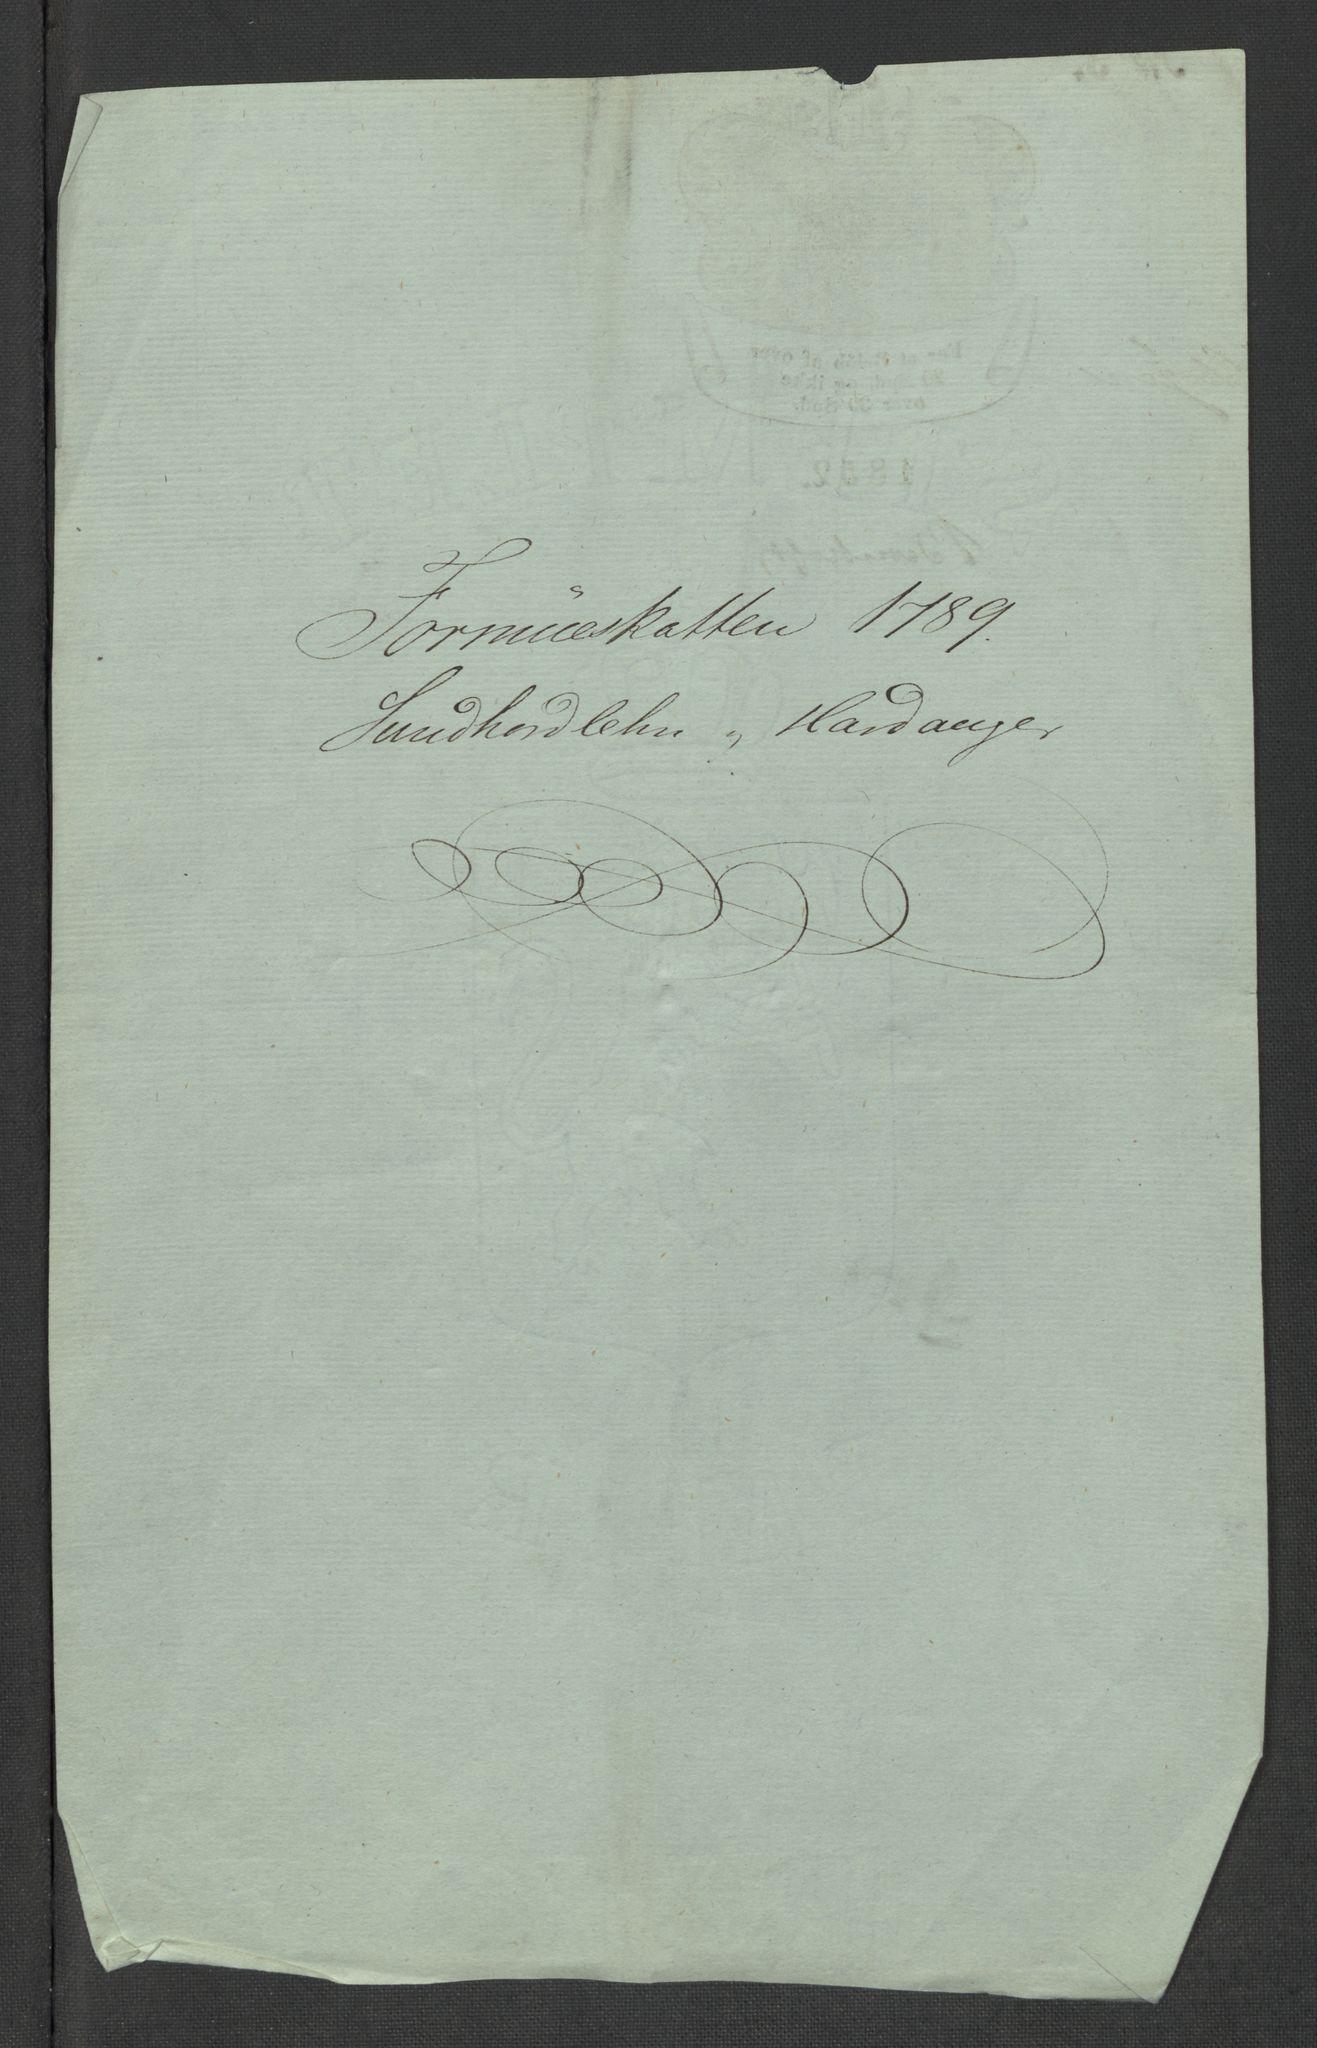 RA, Rentekammeret inntil 1814, Reviderte regnskaper, Mindre regnskaper, Rf/Rfe/L0049: Sunnhordland og Hardanger fogderi, Sunnmøre fogderi, 1789, s. 3